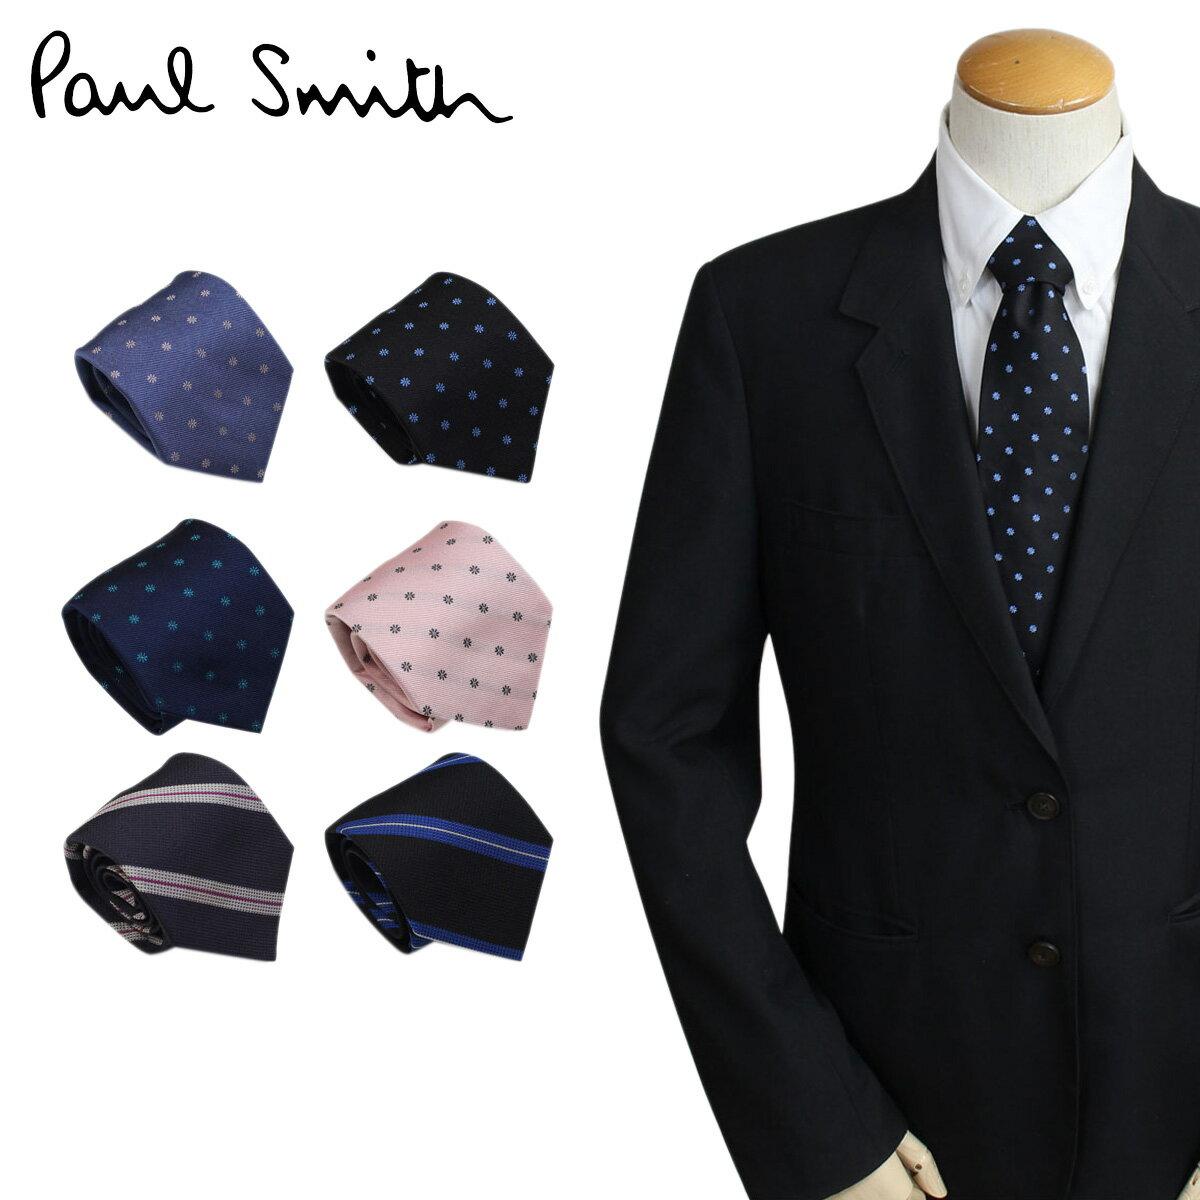 ポールスミス ネクタイ シルク メンズ Paul Smith ストライプ ギフト ケース付 イタリア製 ビジネス 結婚式 [8/7 追加入荷] 【決算セール】